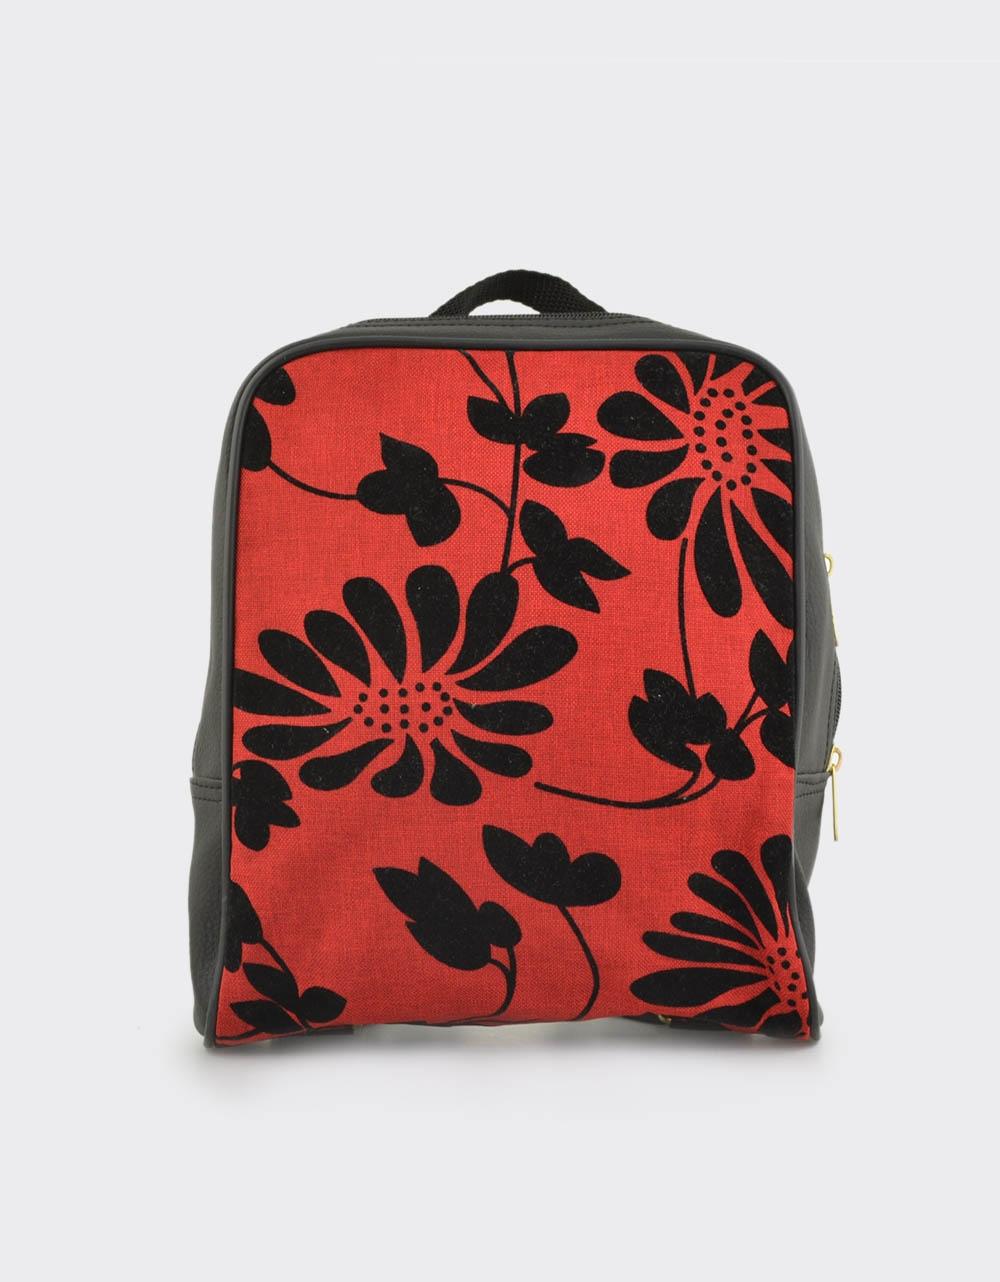 Εικόνα από Γυναικεία σακίδια πλάτης με λουλούδια Κόκκινο